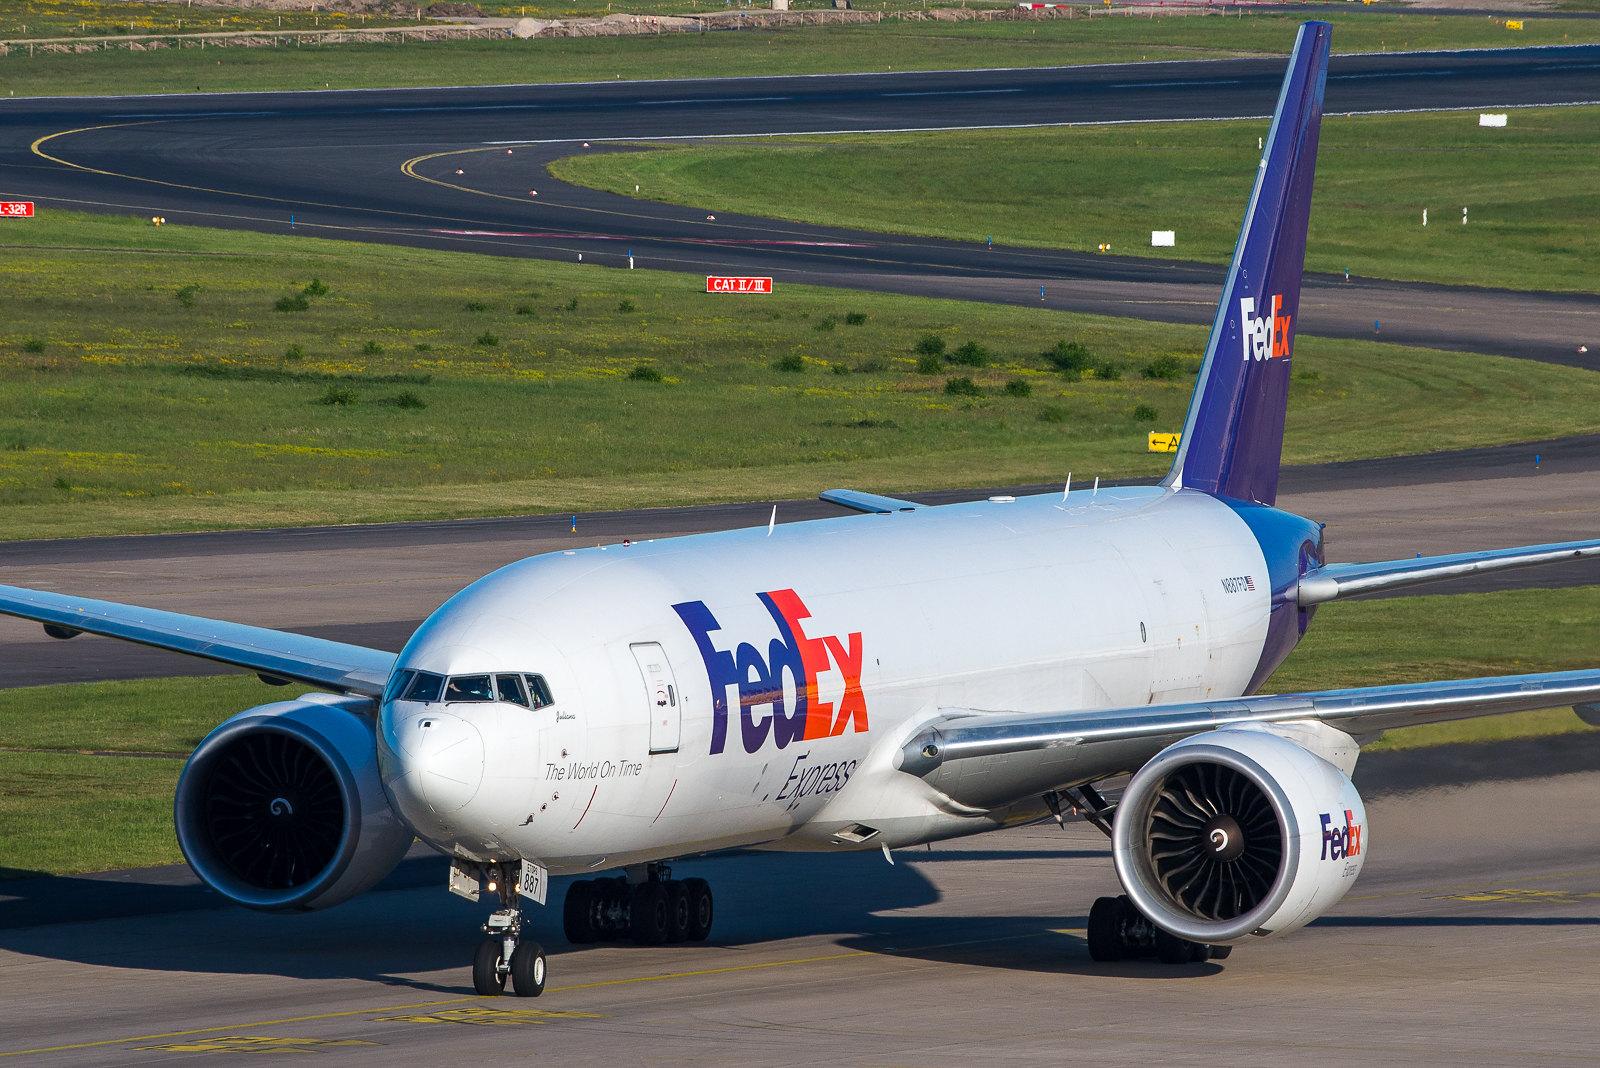 FedEx jest w czołówce amerykańskich firm płacących za kampanie antyzwiązkowe. (fot. flickr.com/CC BY-SA 2.0)